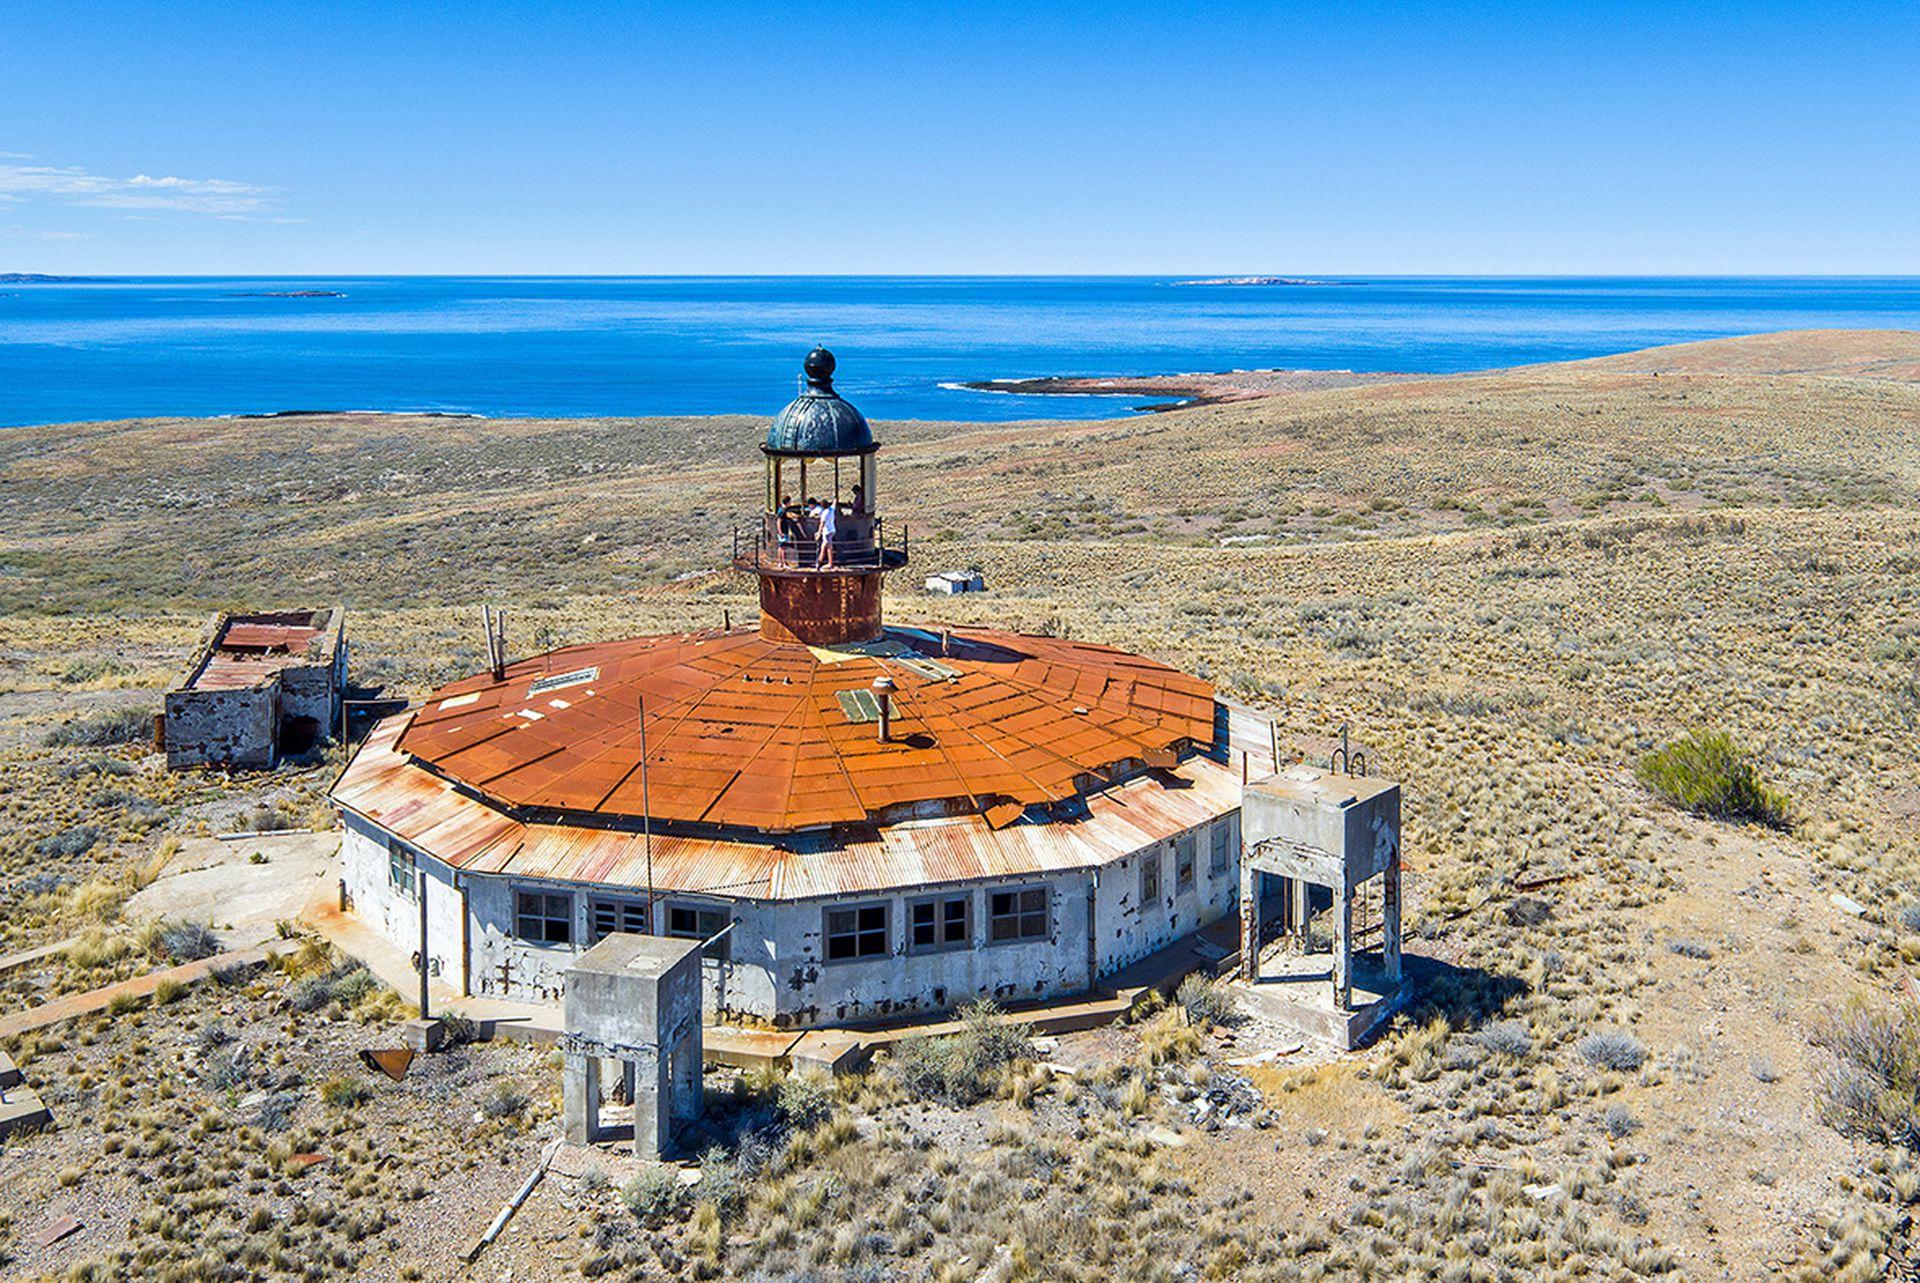 La singular silueta del Faro de Isla Leones, un símbolo del nuevo Parque Nacional Marino Costero Patagonia Austral. Su acceso es muy complicado, y el estado de abandono, avanza.